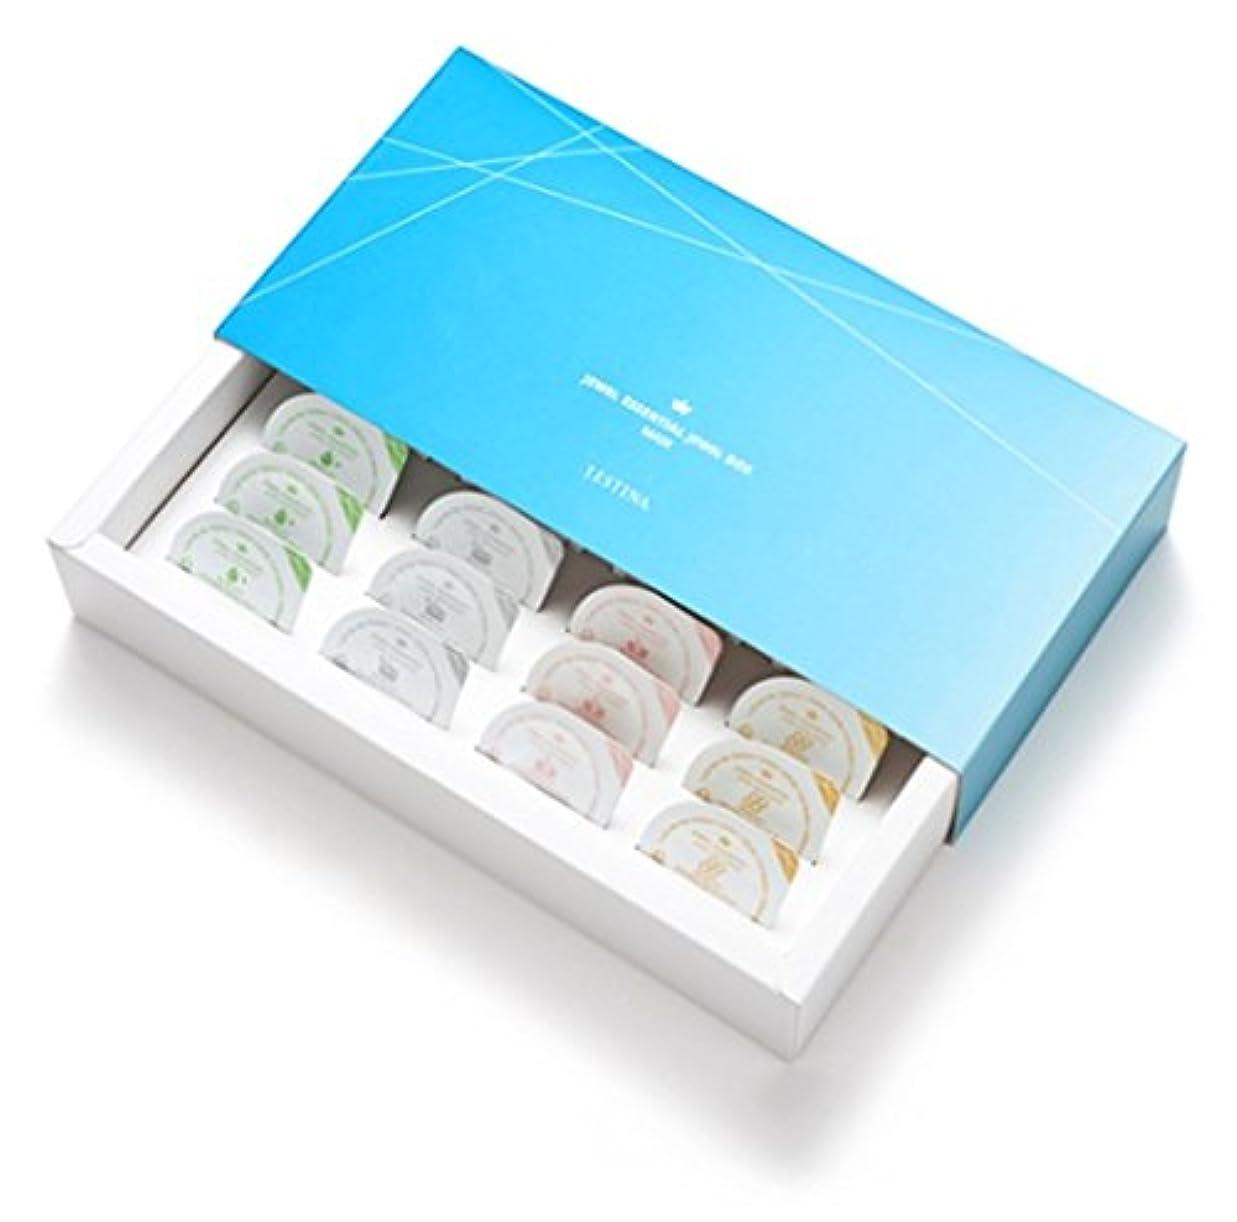 汚染公爵約(ジェイエスティナ) J.ESTINA Jewel essential jewel box mask 1set (16ea) JCSFMA7A202800000 (海外直送品)